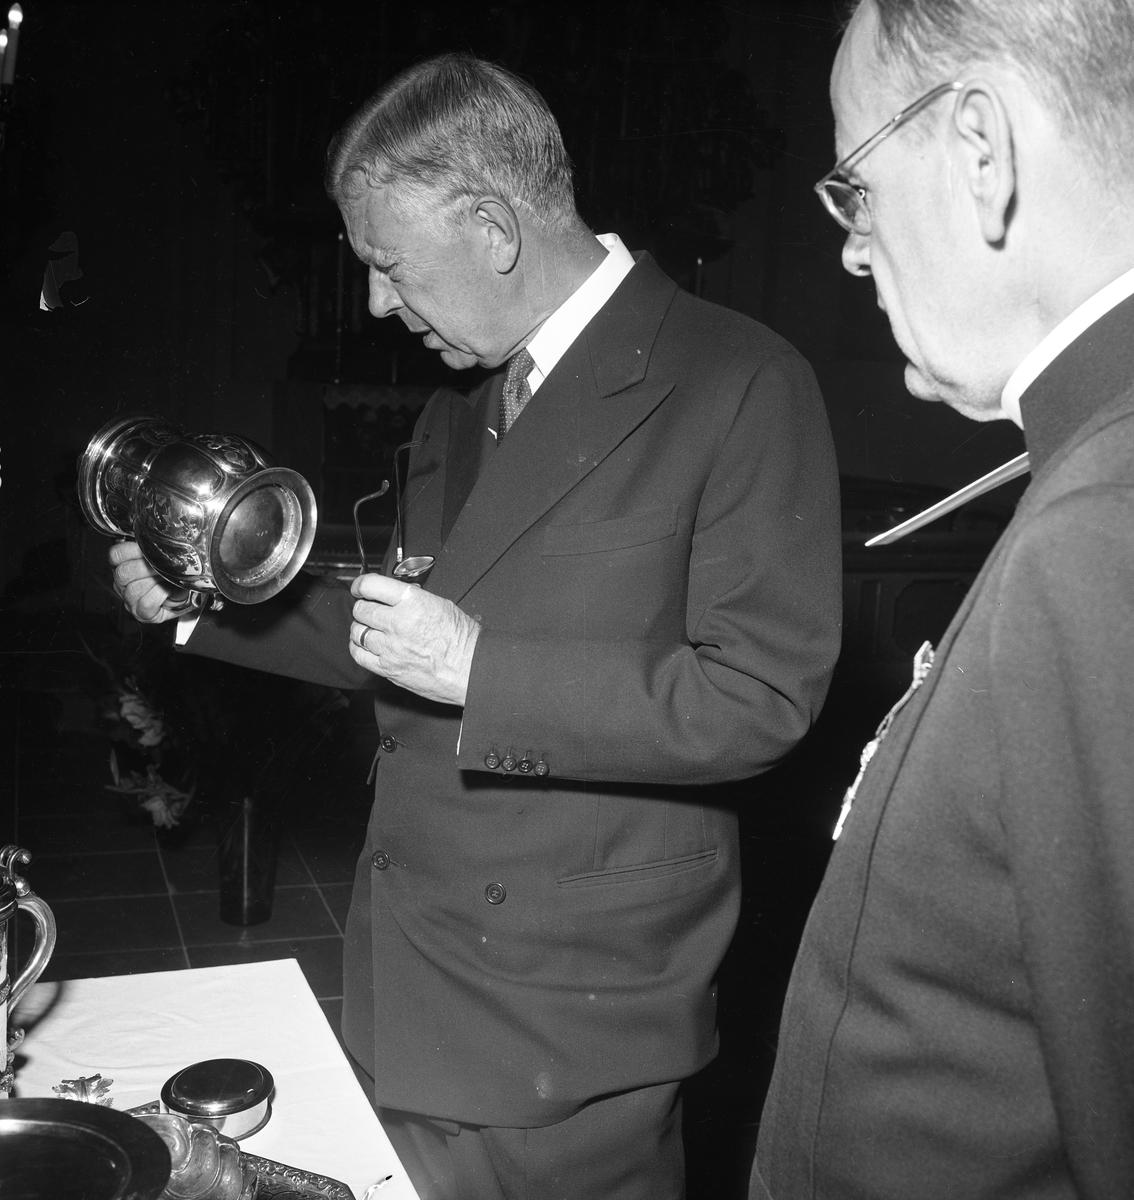 Konung Gustaf Vl Adolf är på Eriksgata. Här får han titta på silversamlingen i Heliga Trefaldighetskyrkan tillsammans med prosten E Olof Björsell. För värdskapet, under kungens besök, svarade stadsfullmäktiges ordförande Jonas Carlsson och kommunalborgmästare Danliel Ekelund. Den organisationskommitté som ansvarade för arrangemangen, hade hos drätselkammaren begärt en summa av 3000 kronor för att täcka kostnaderna vid kungabesöket. Beloppet beviljades.  Tiden för kungens besök var beräknad till 130 minuter.